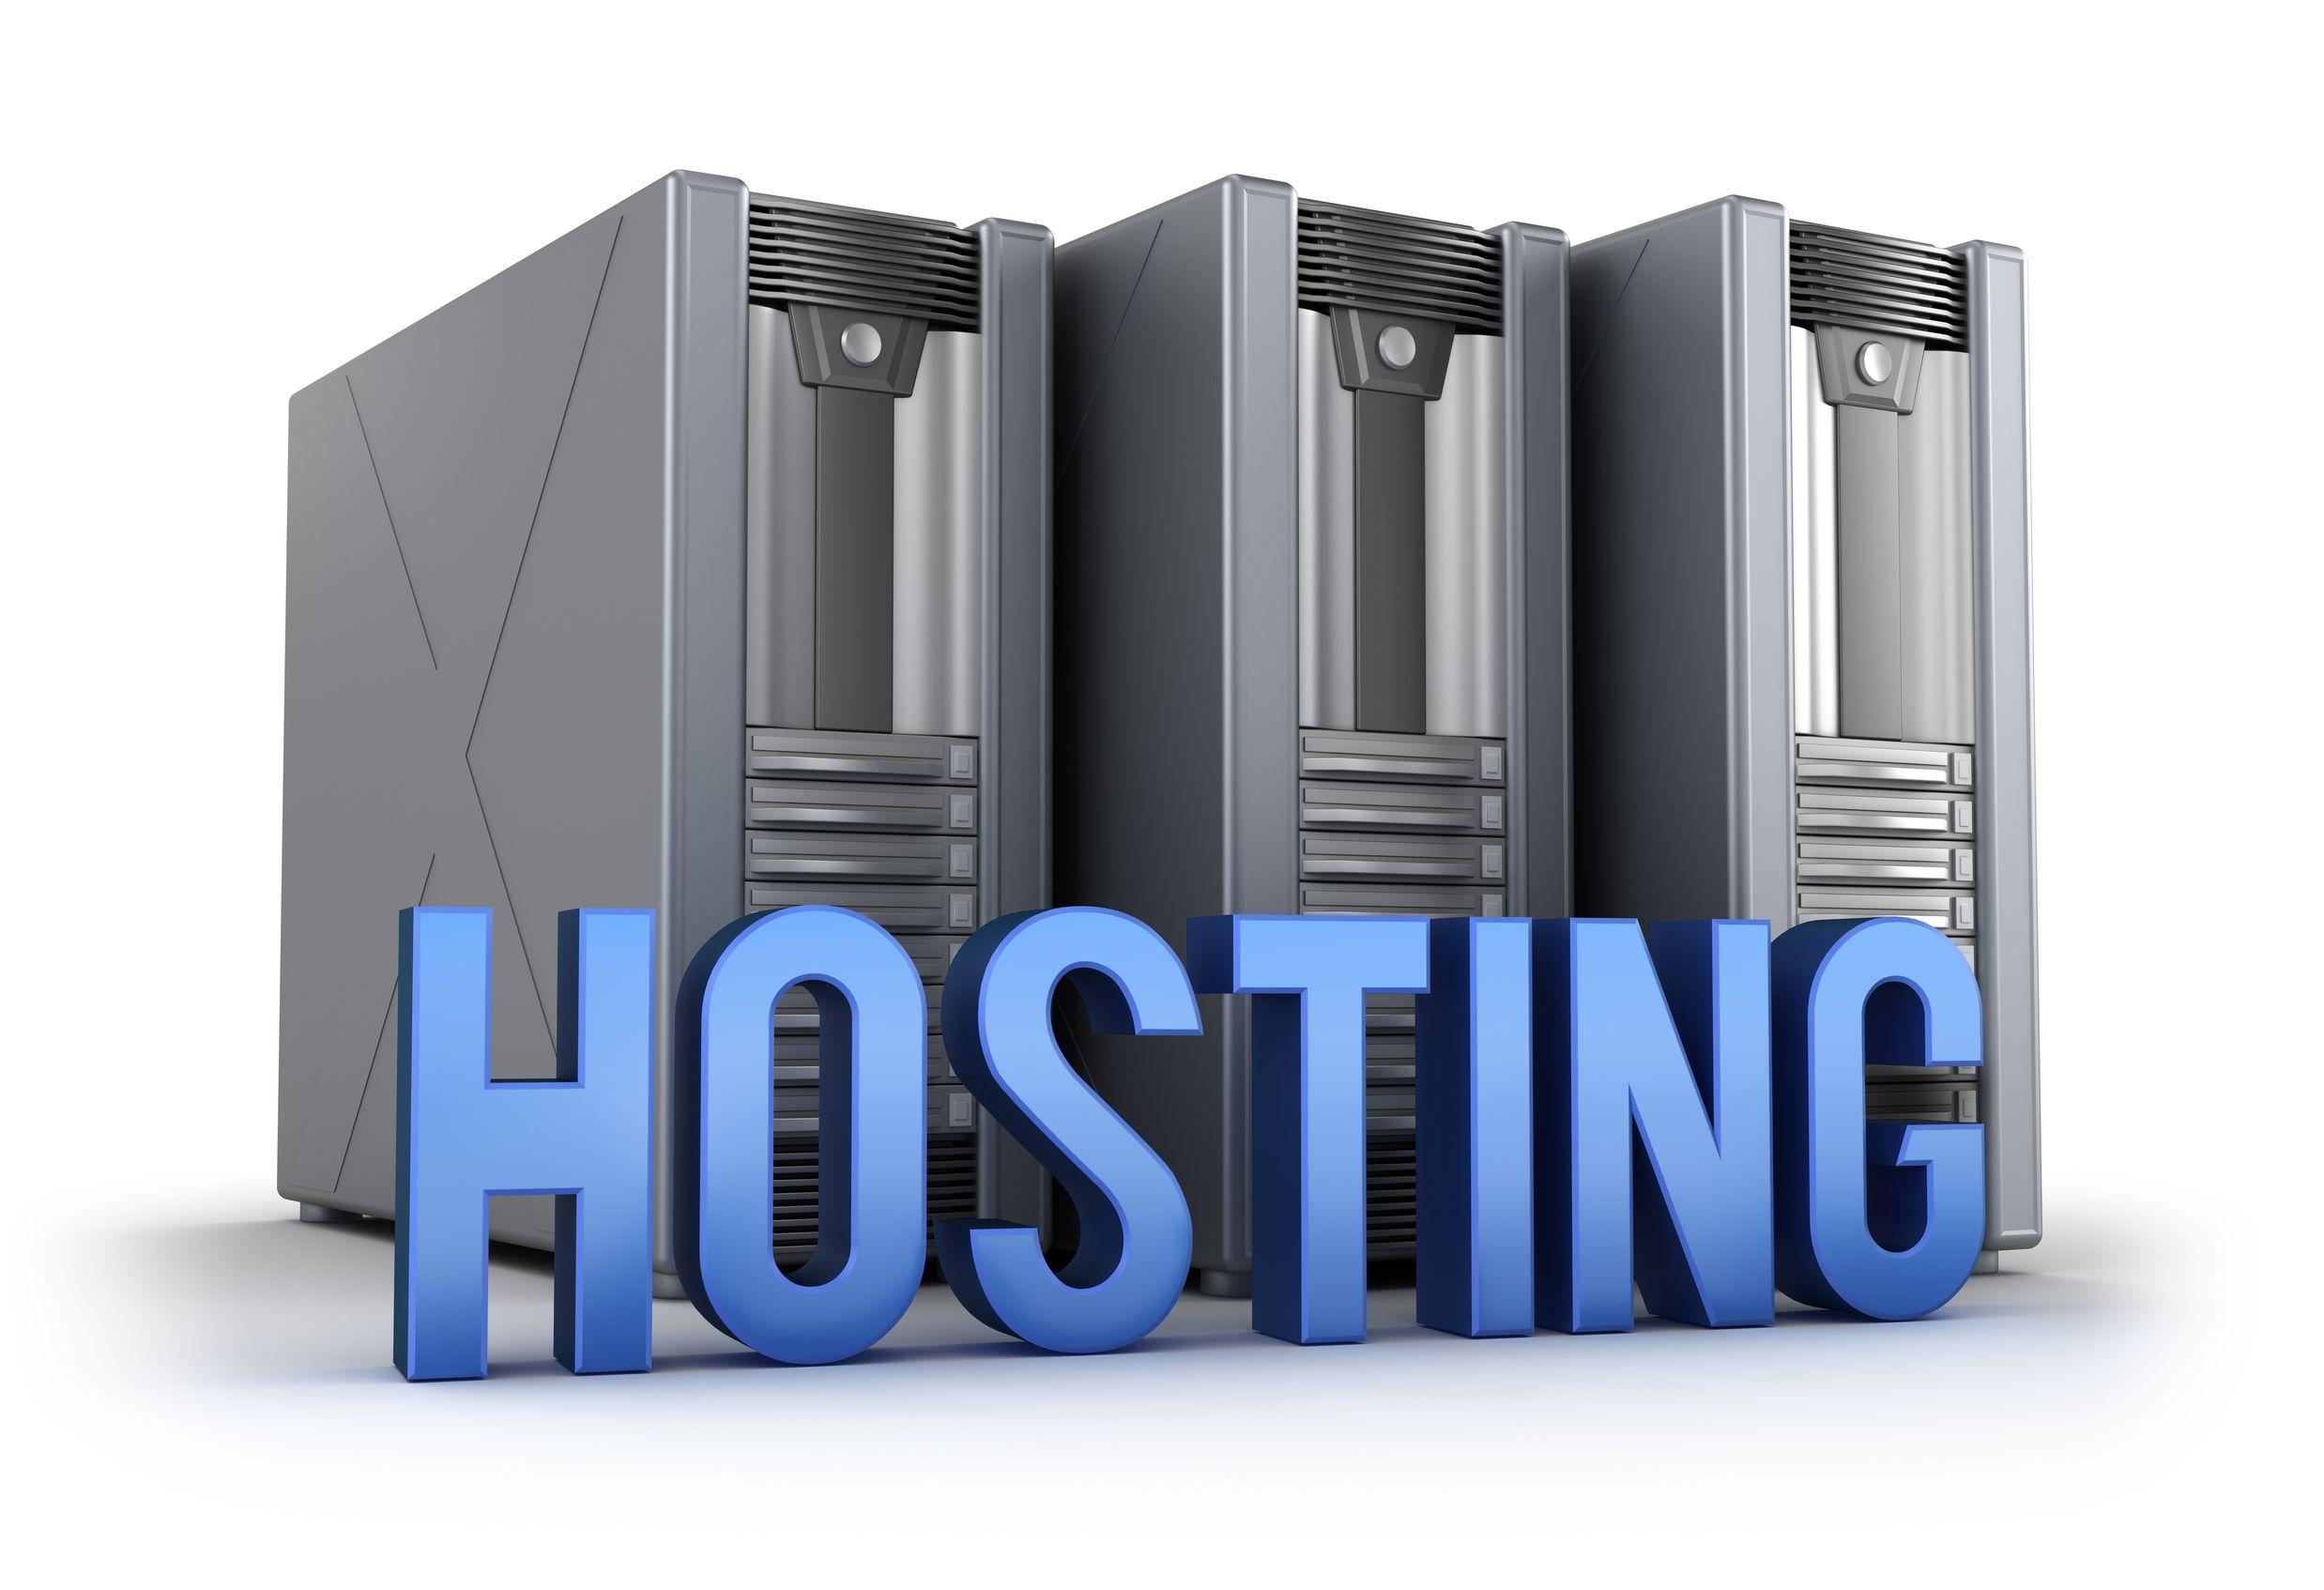 Que-es-un-hosting monterrey